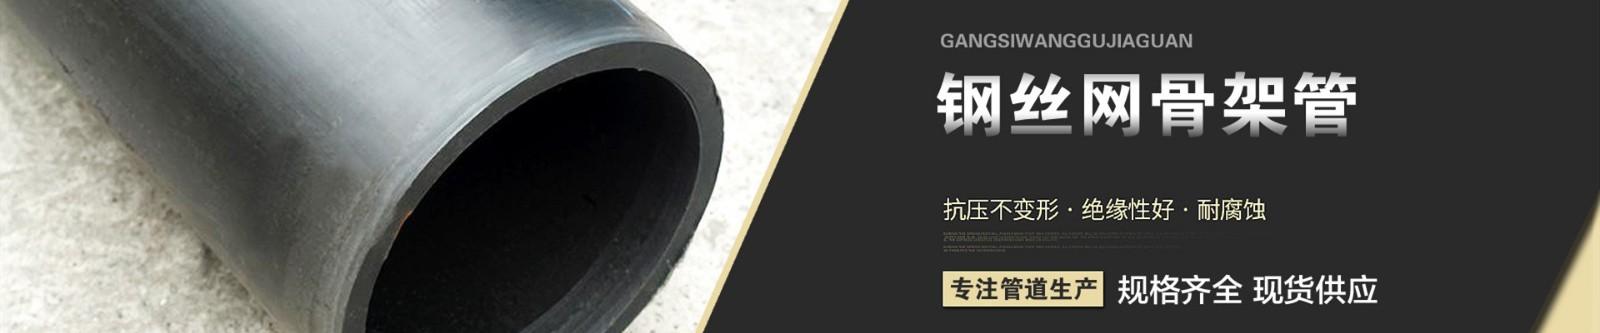 武汉民江物资bwin手机版登入公司介绍